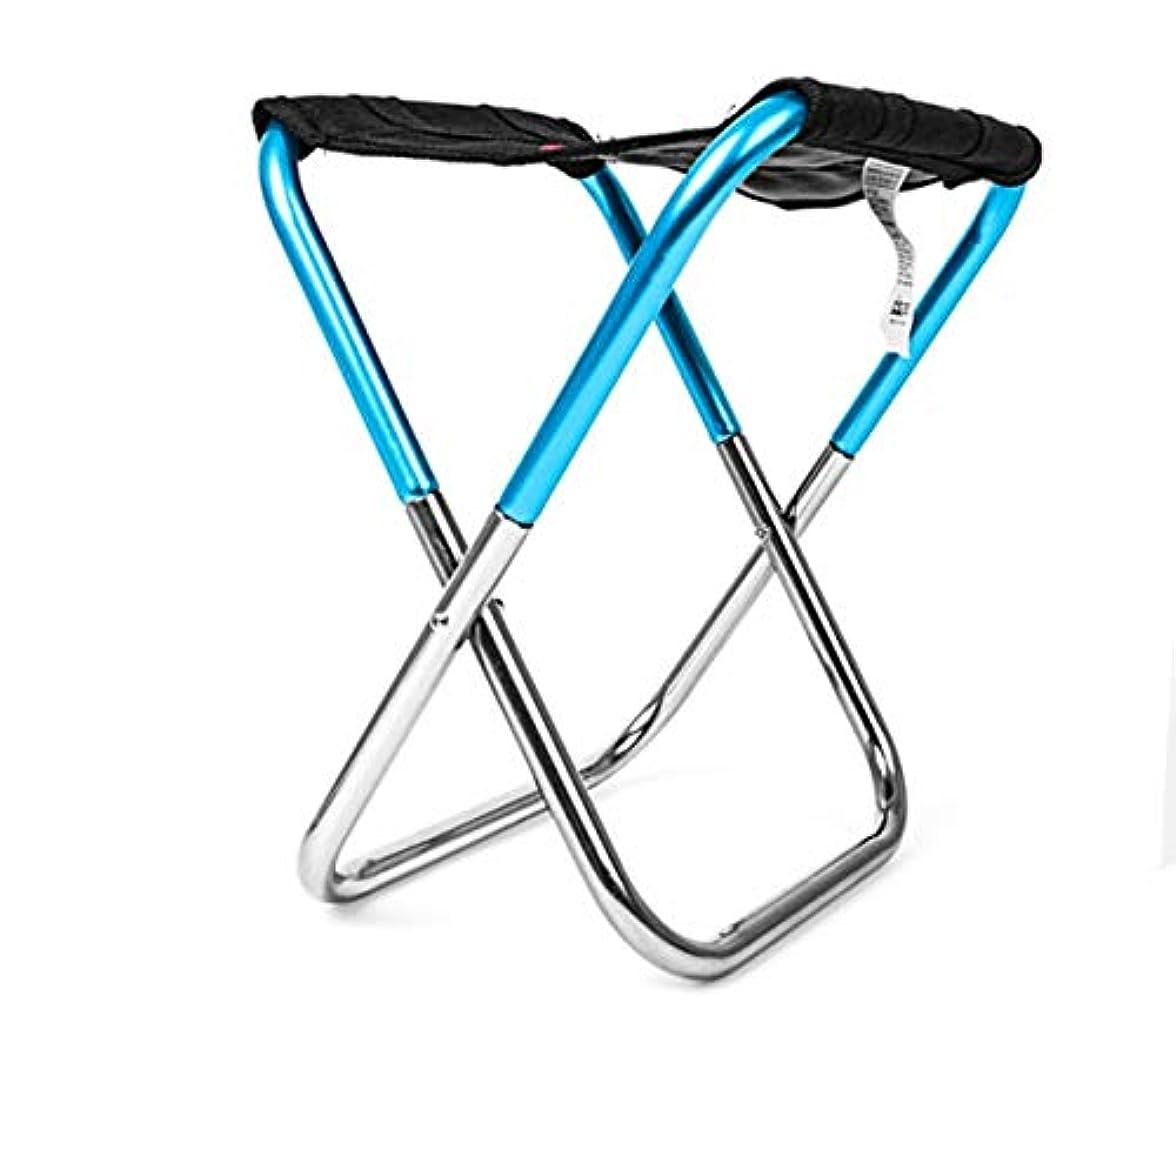 メイエラ後方救い屋外折りたたみシートチェア折りたたみミニスツールポータブルキャンプフィッシングトレインベンチ折りたたみ式並んだスツール-ブルー